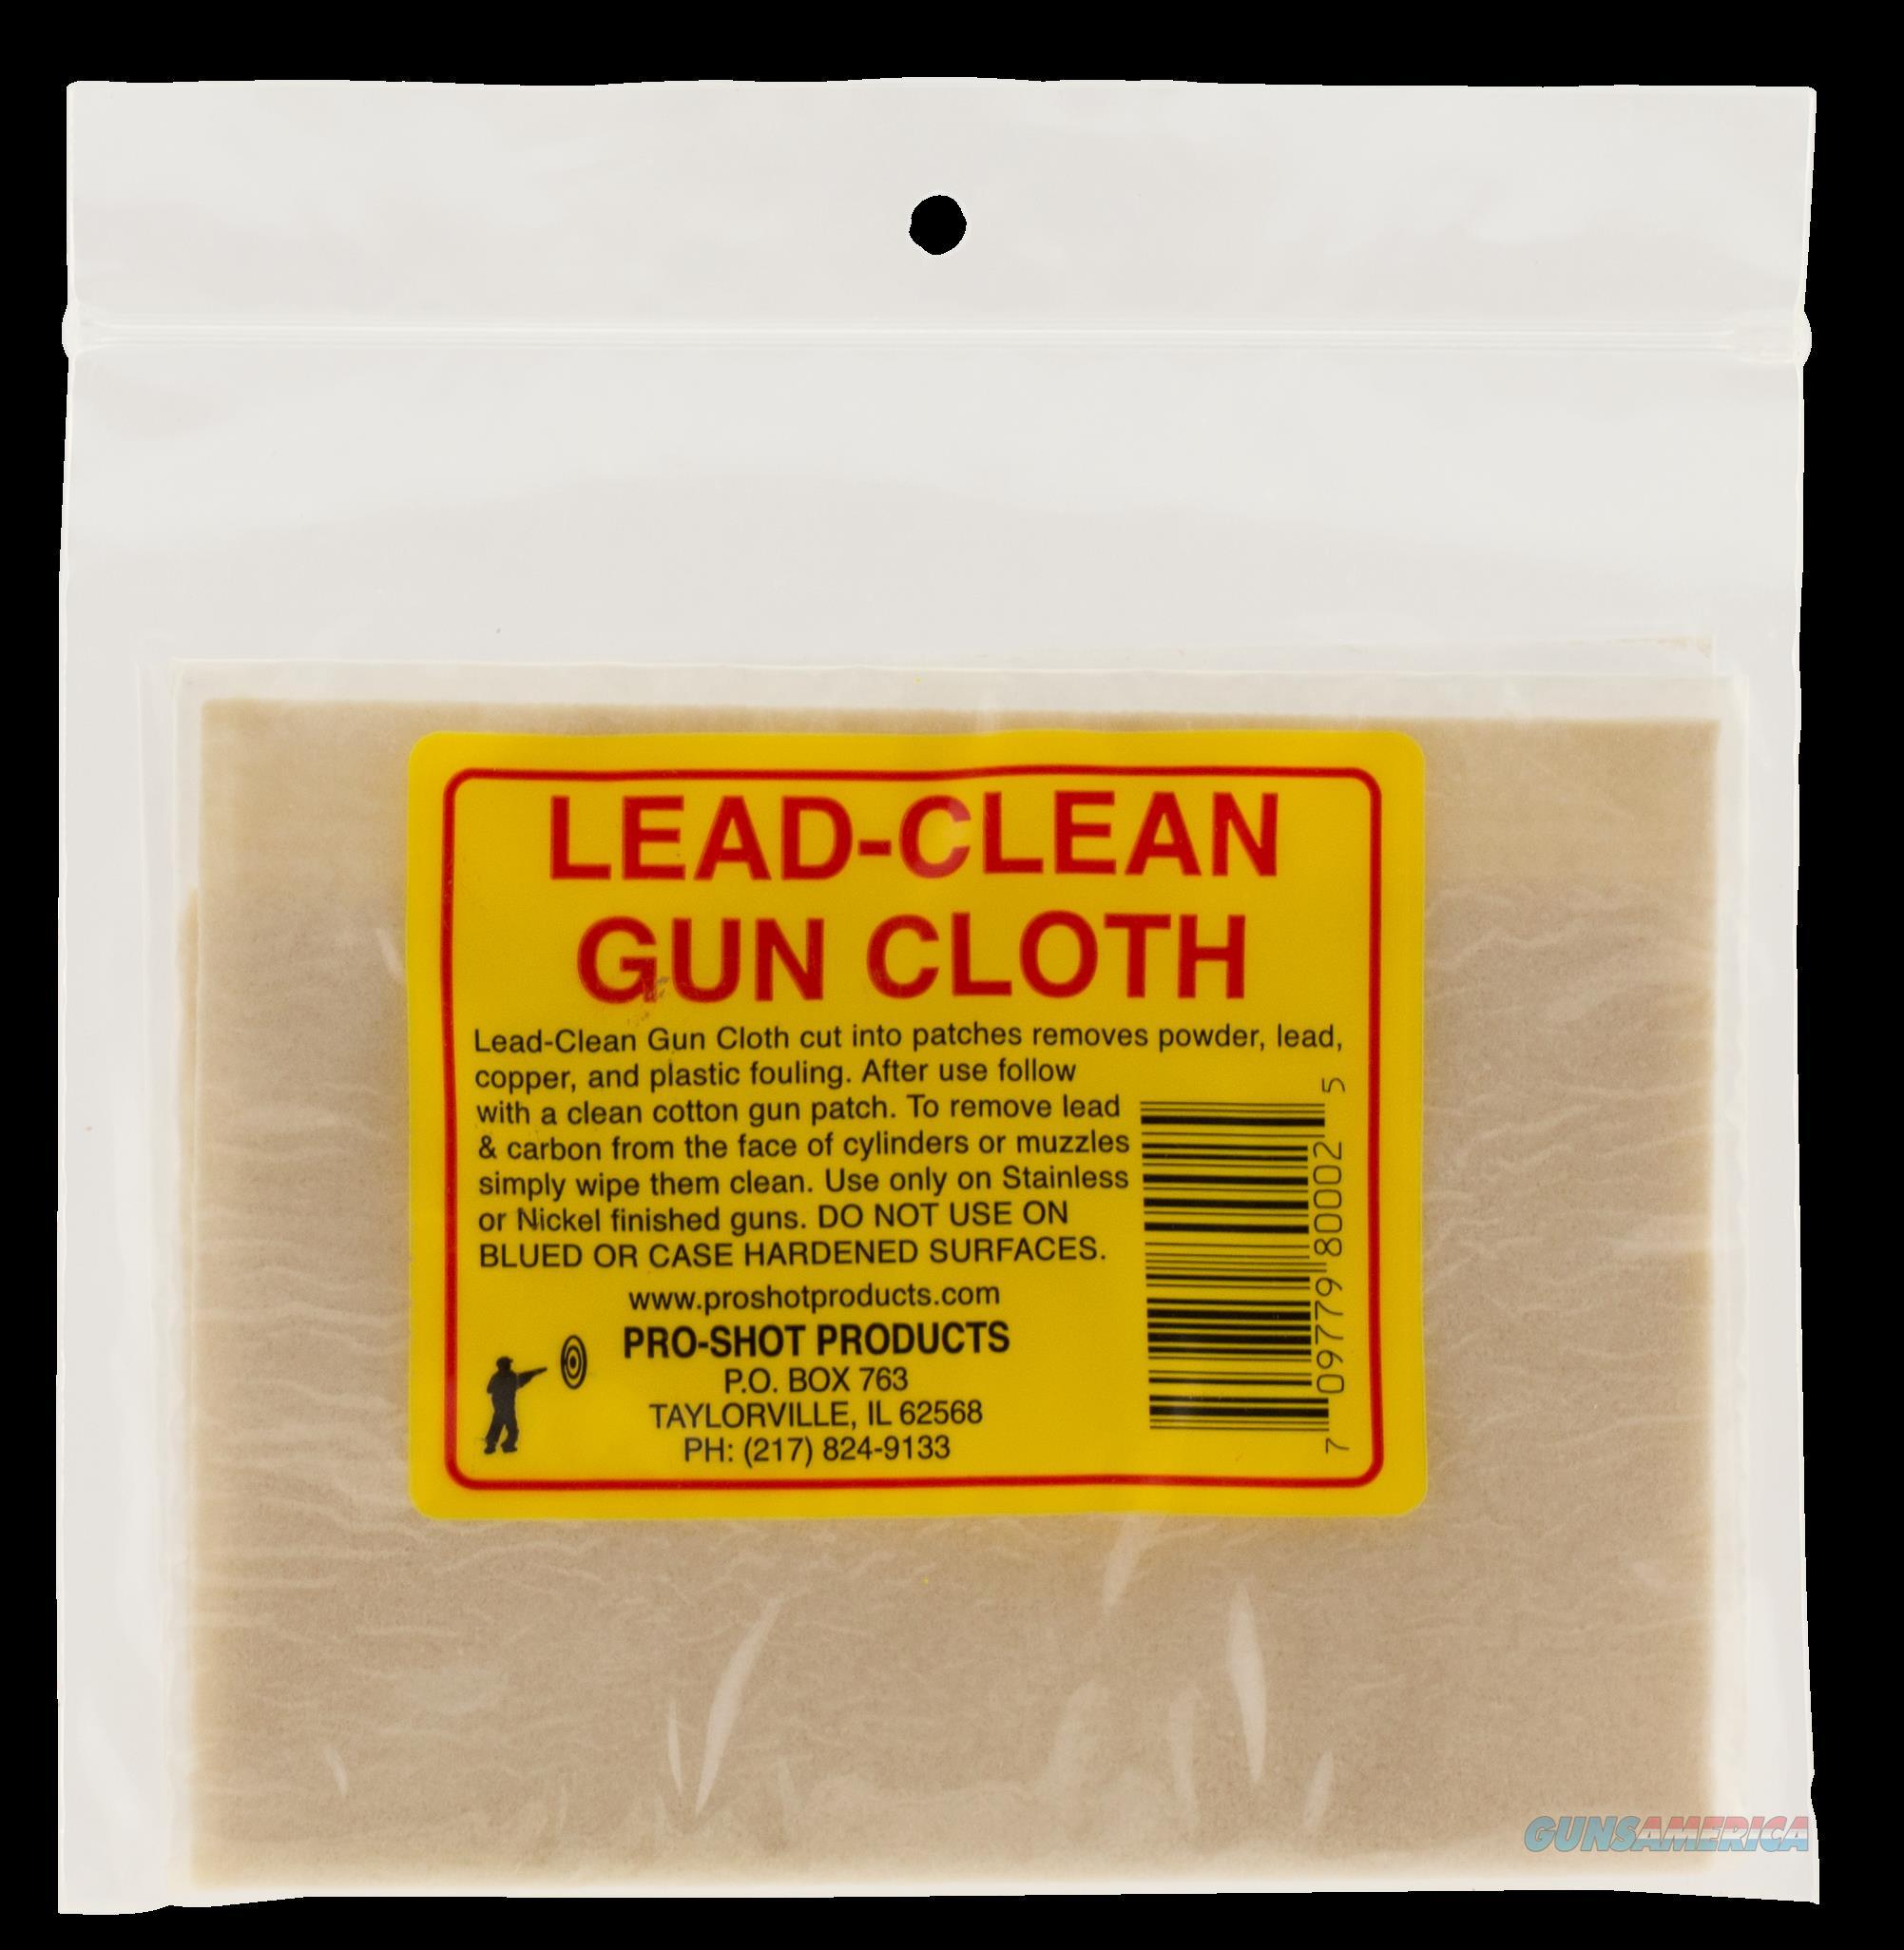 Pro-shot Lead Clean, Proshot Lcc            Lead Clean Gun Cloth  Guns > Pistols > 1911 Pistol Copies (non-Colt)